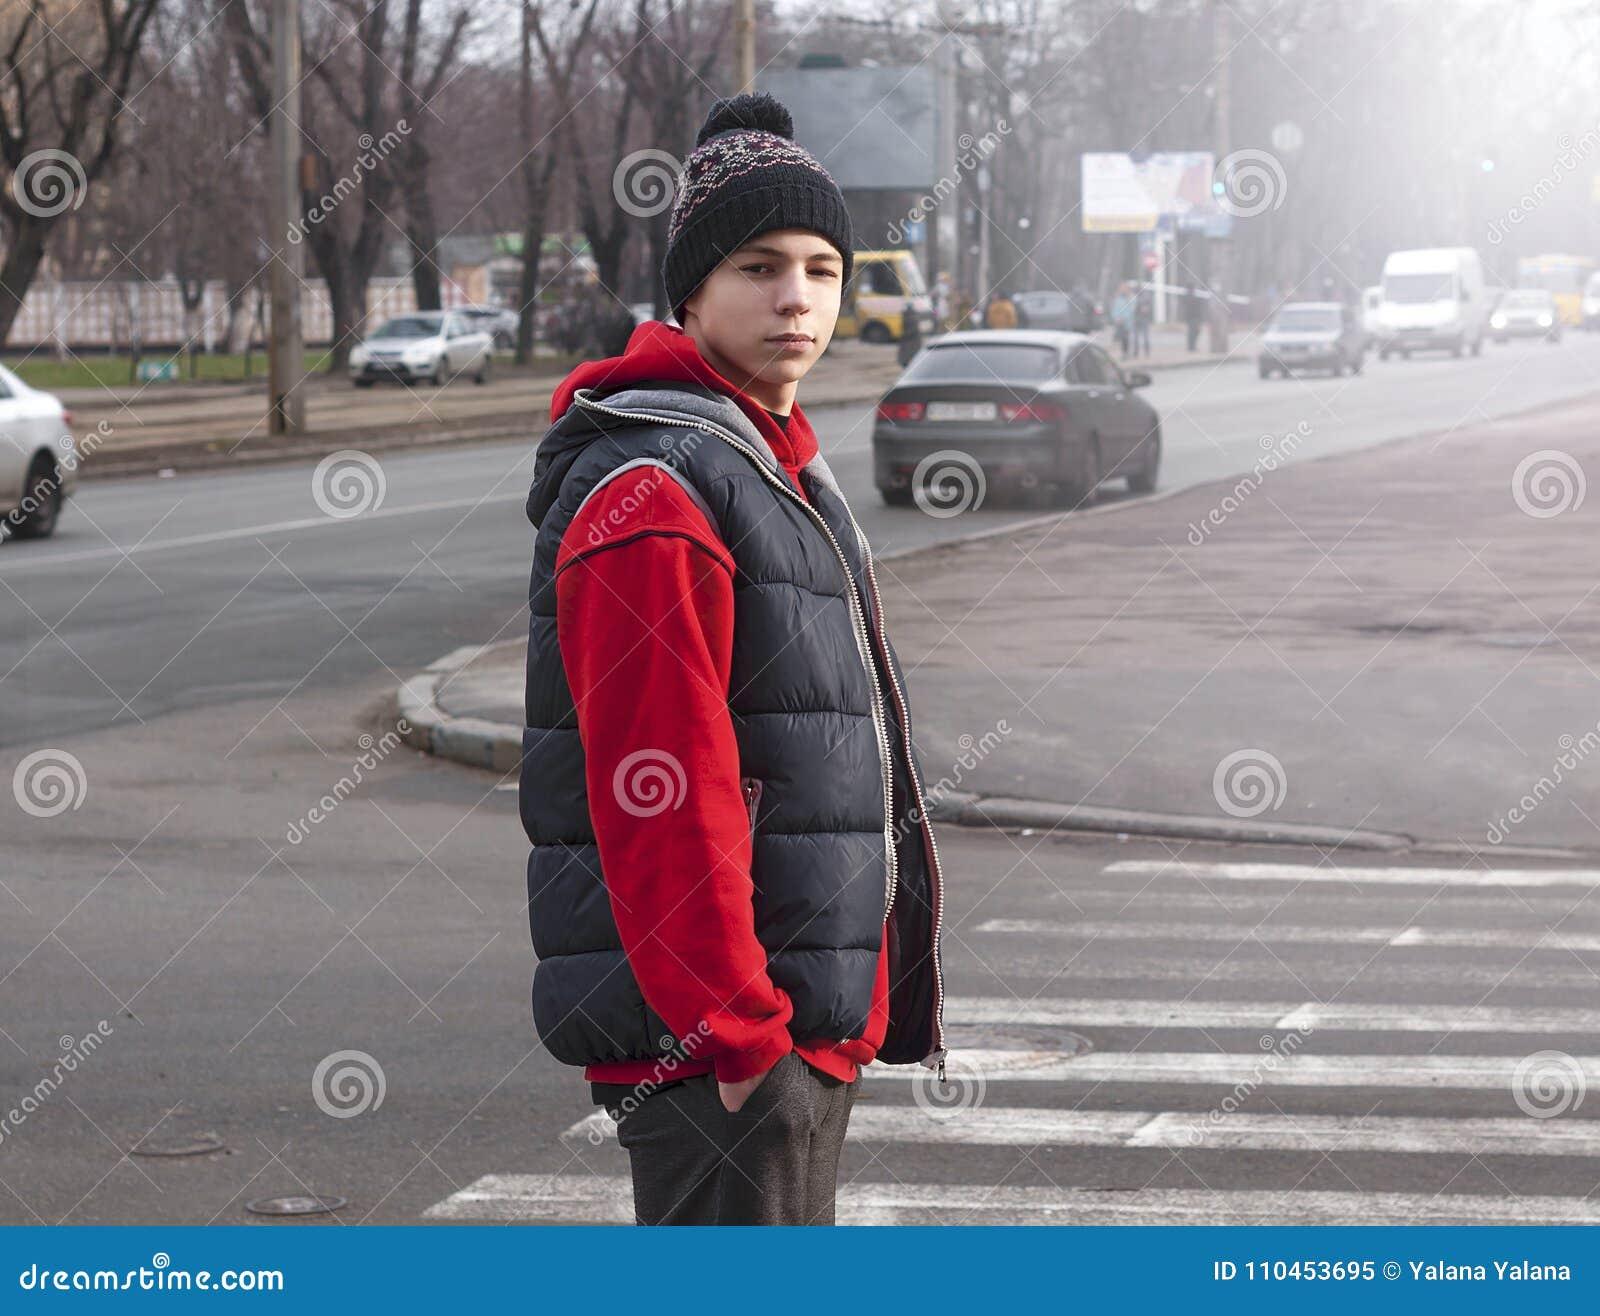 Ung man nära övergångsstället